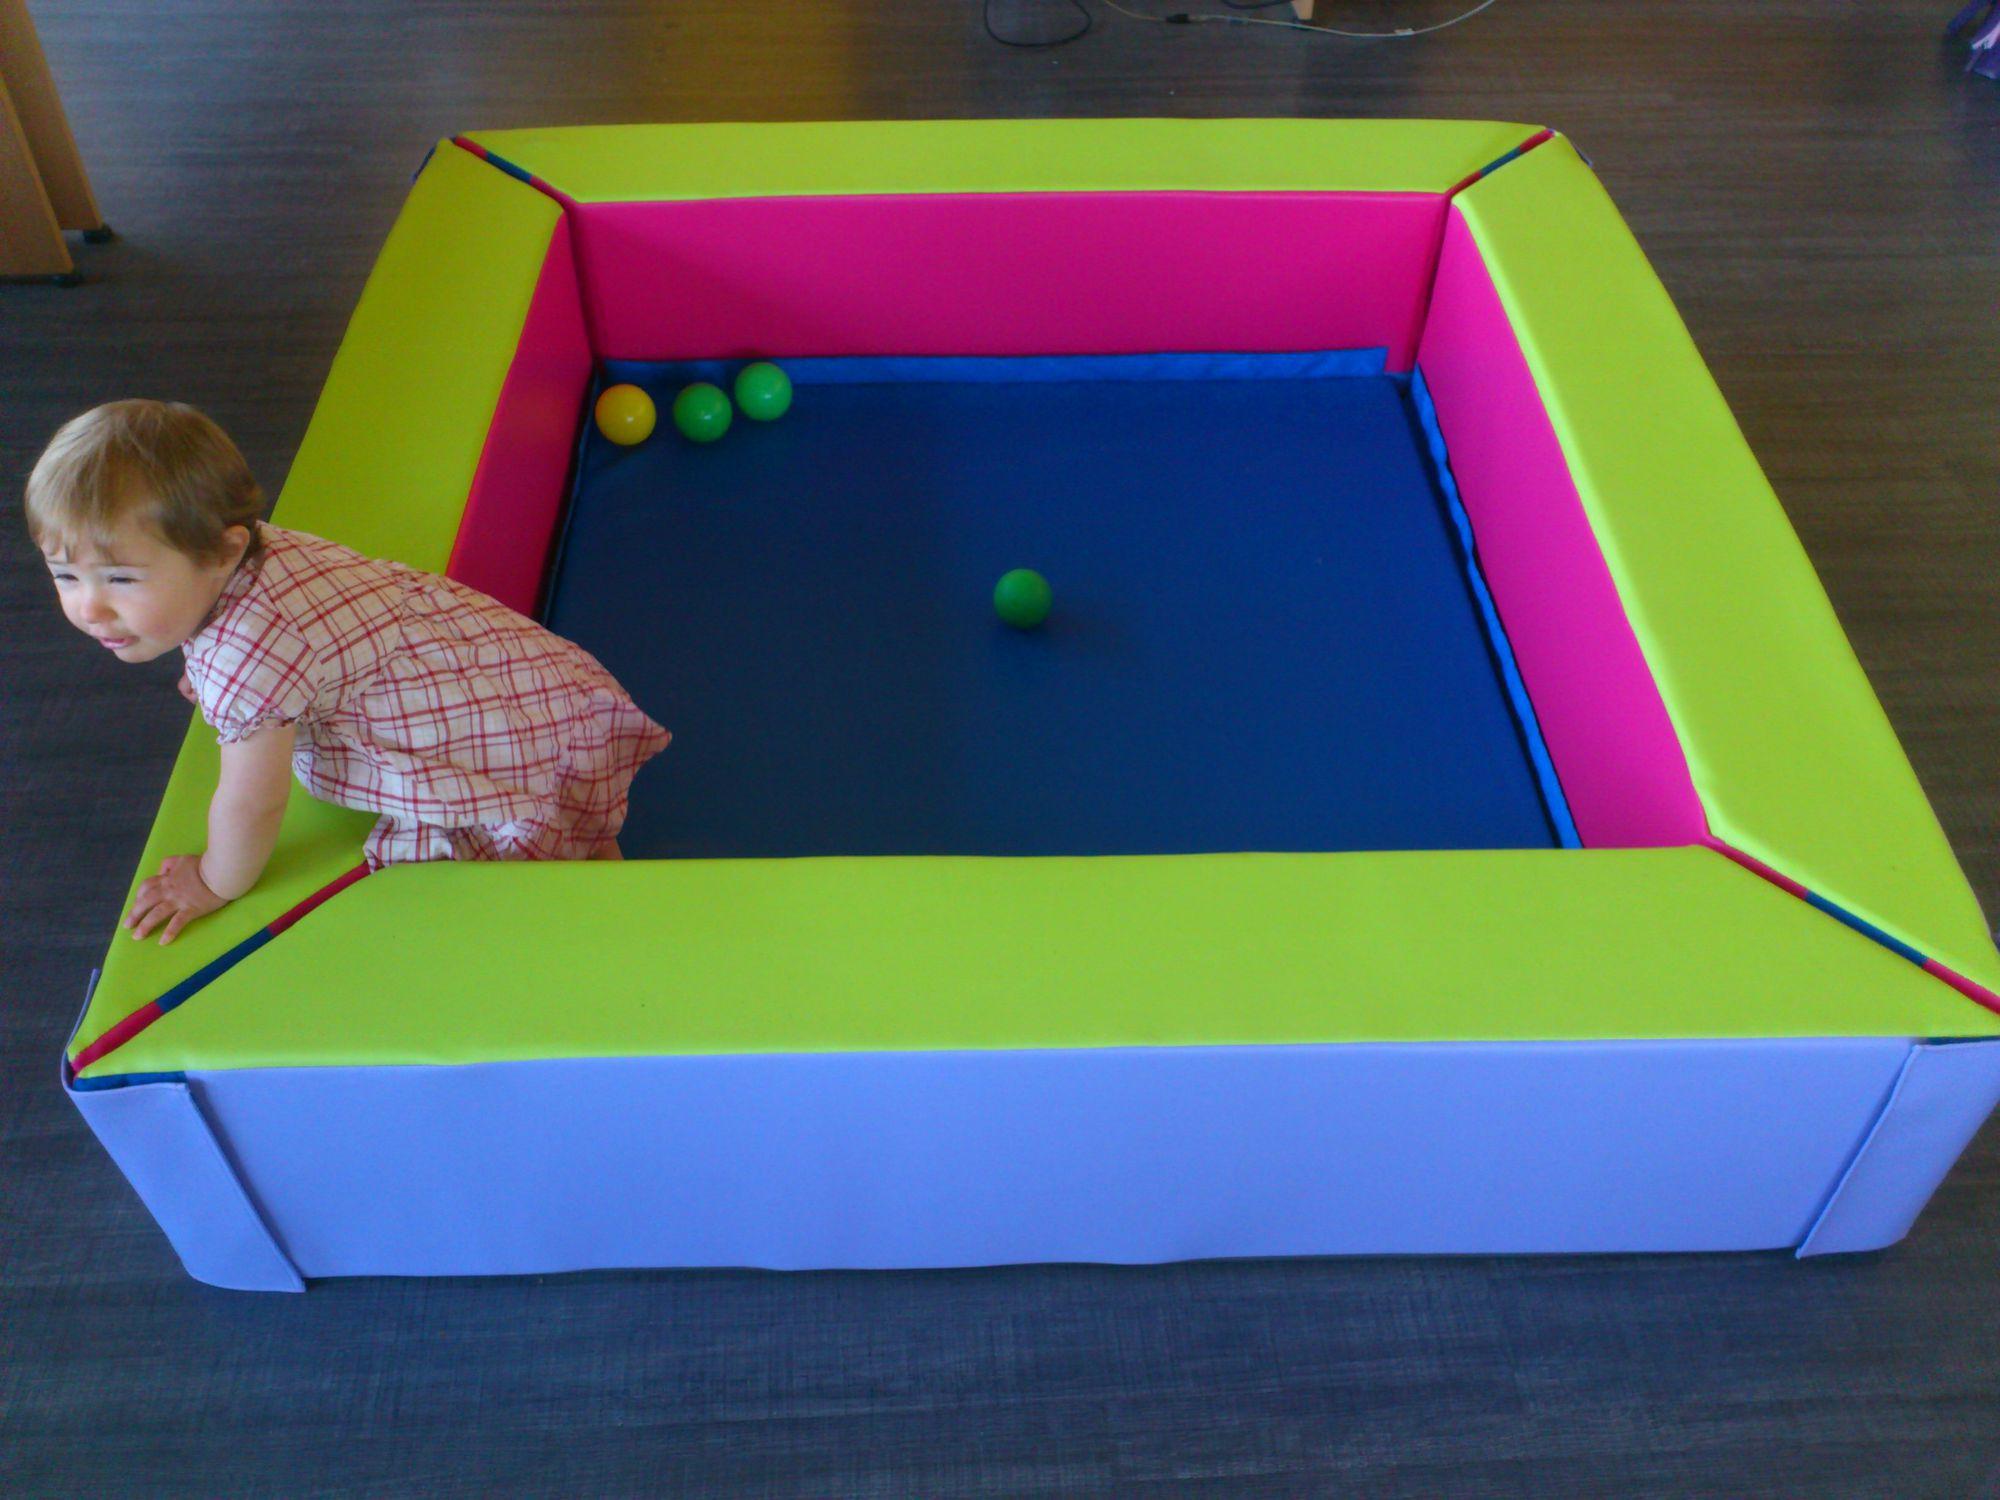 Foam For Motricity Ball Pool - Piscine À Balle Tapis De Fond ... intérieur Piscine A Balle En Mousse